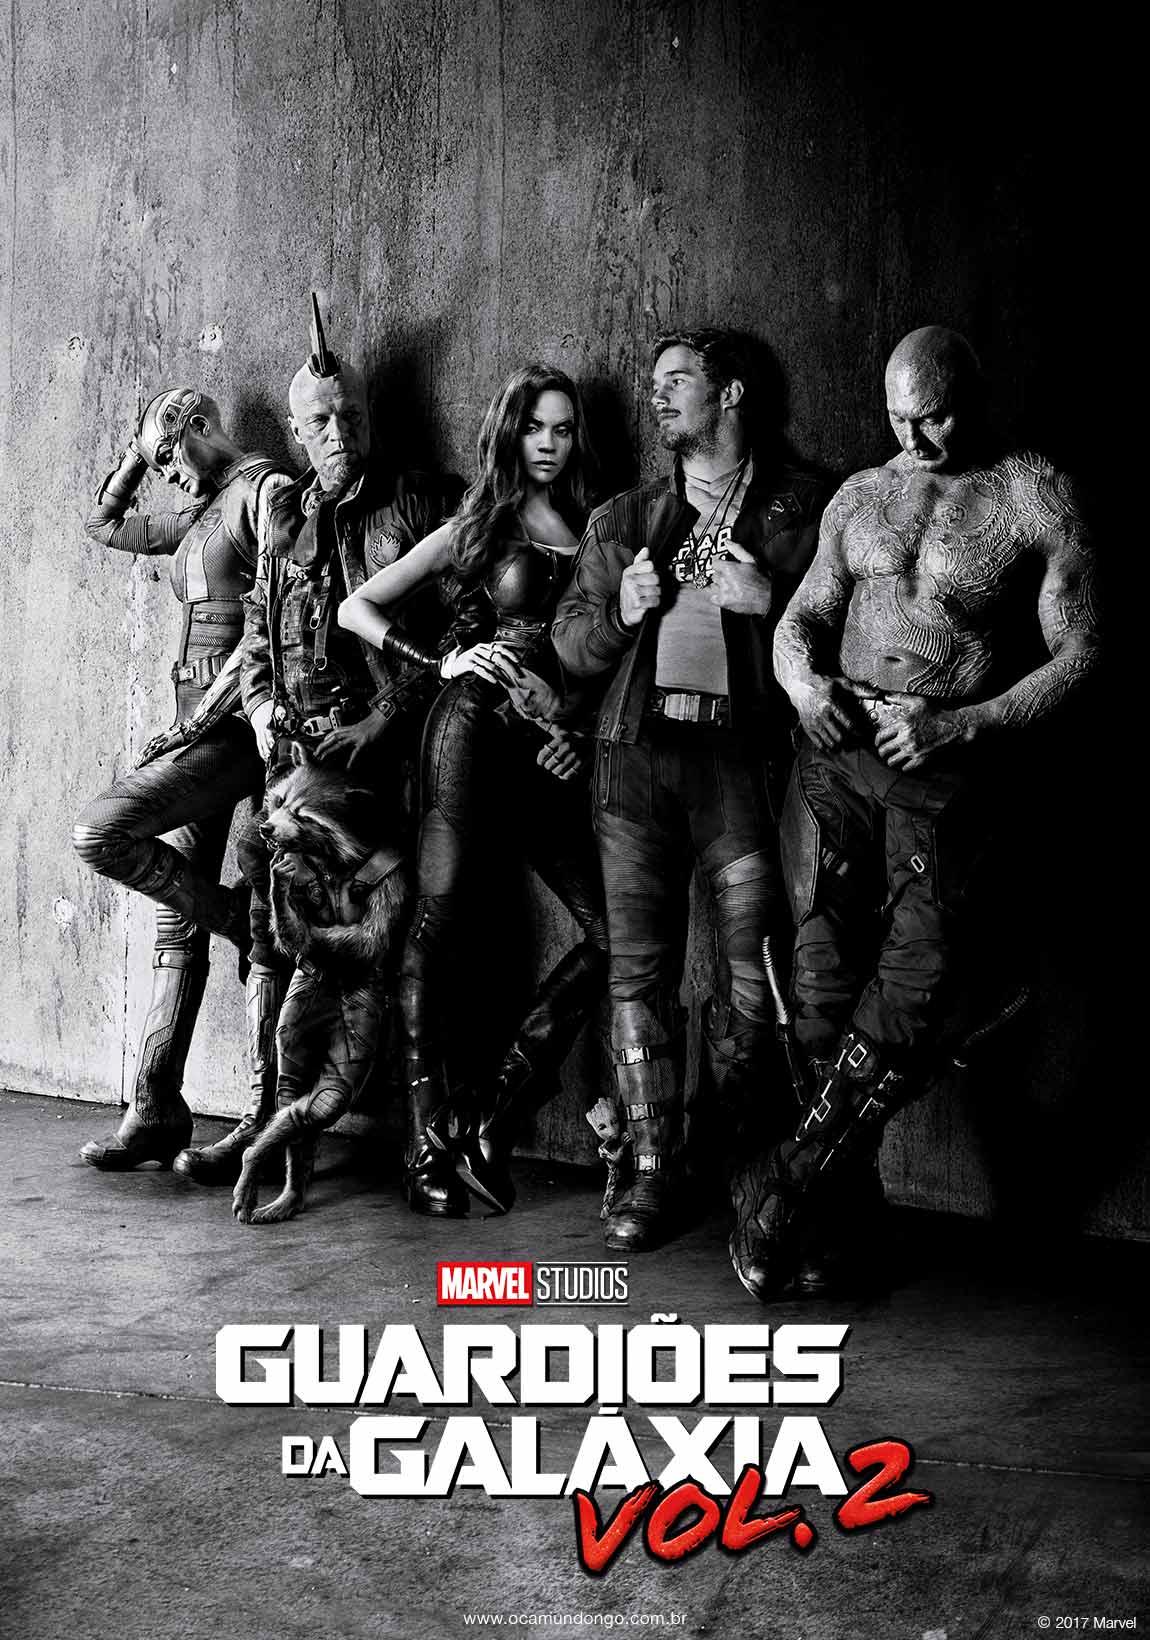 guardioes da galaxia volume 2 poster - GUARDIÕES DA GALAXIA VOLUME 3 | Dave Bautista revelou que Drax pode chegar ao fim no terceiro filme